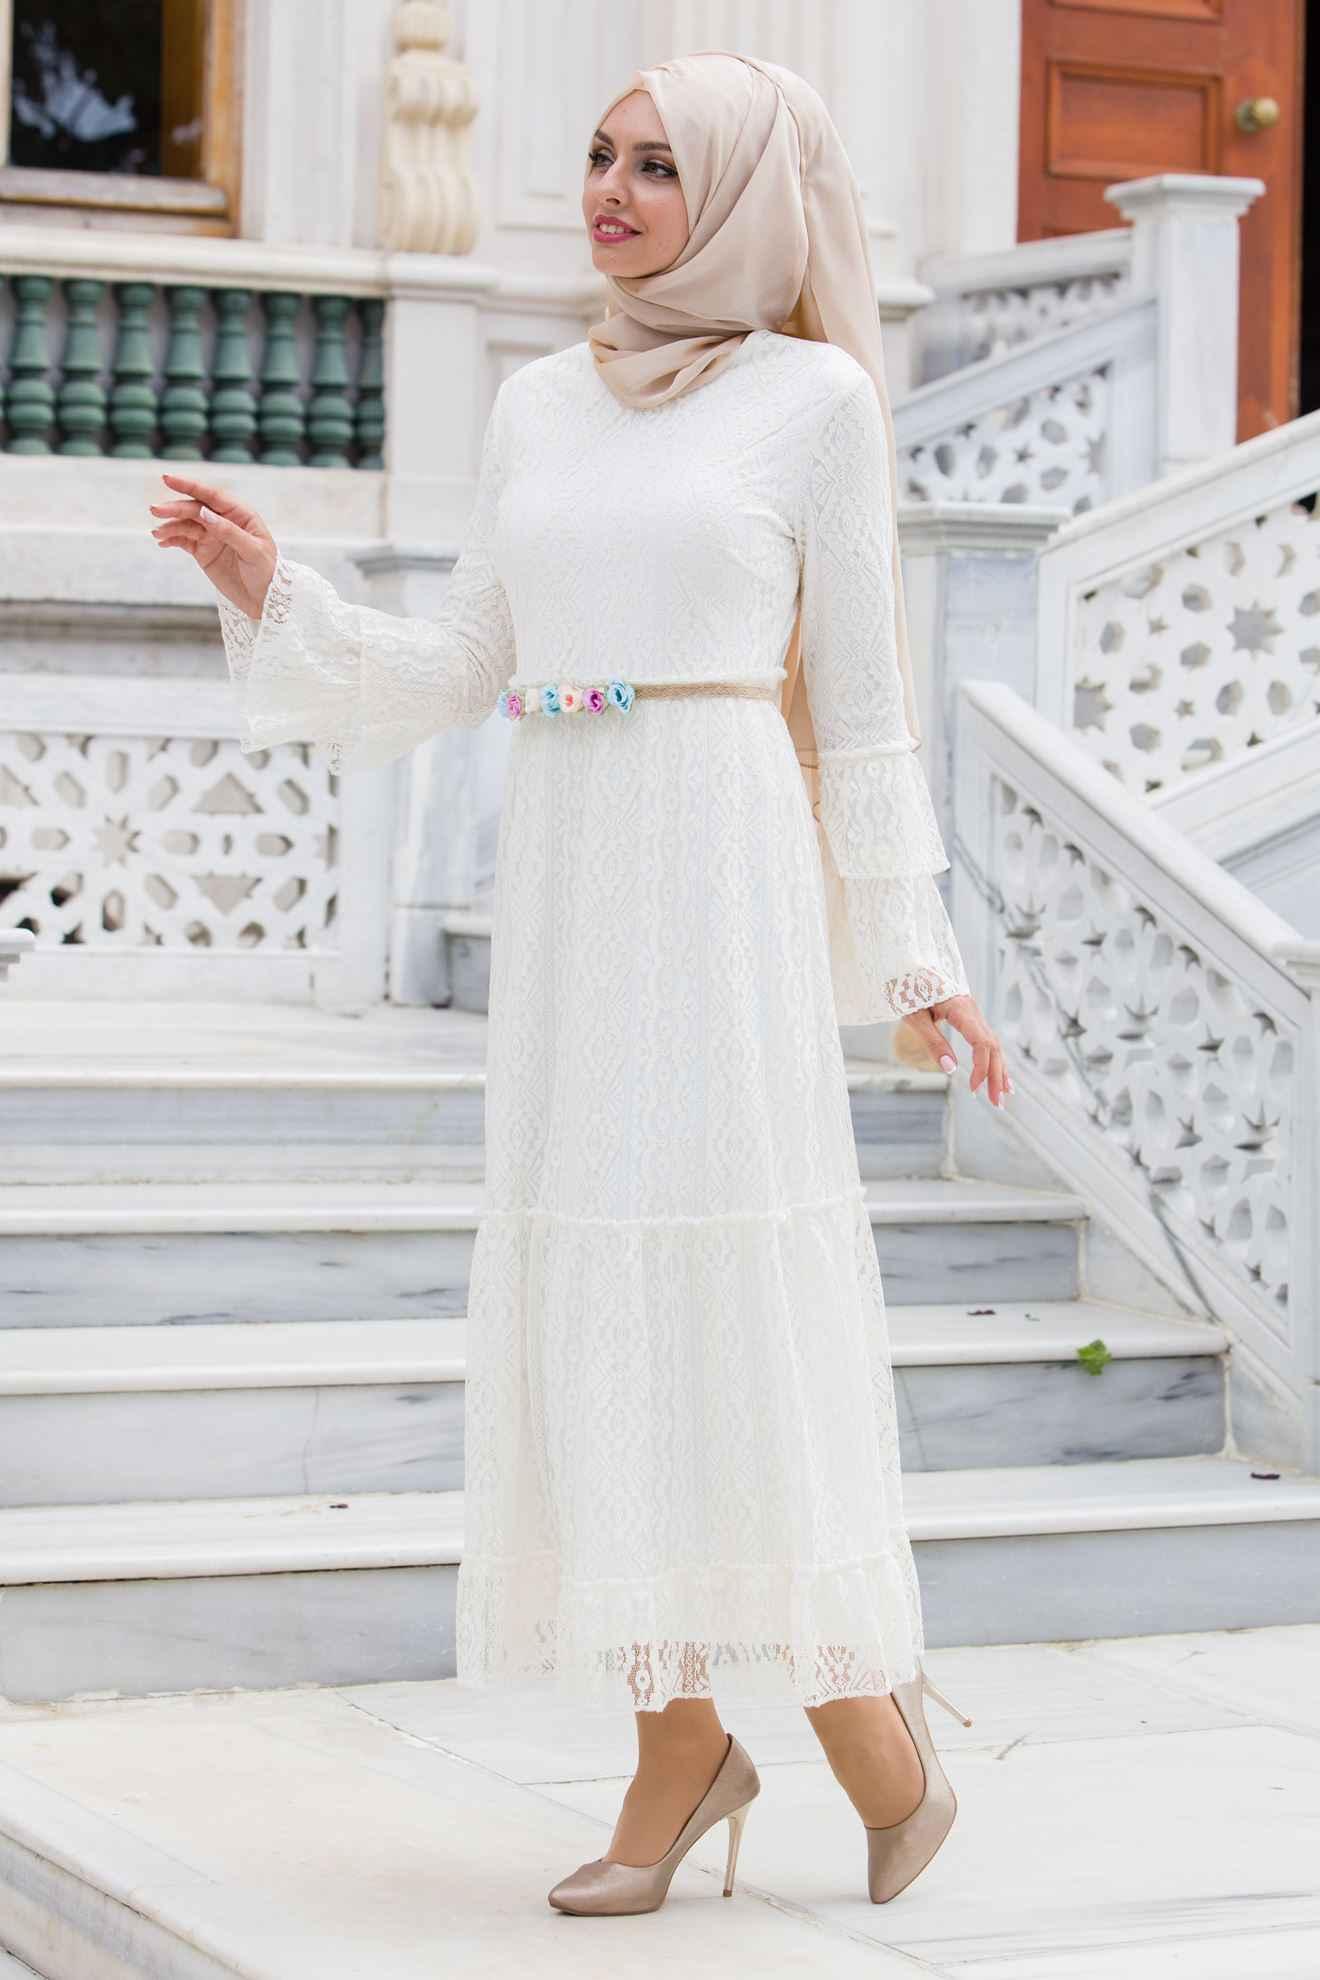 Sedanur Tesettür Dantelli Elbise Modelleri